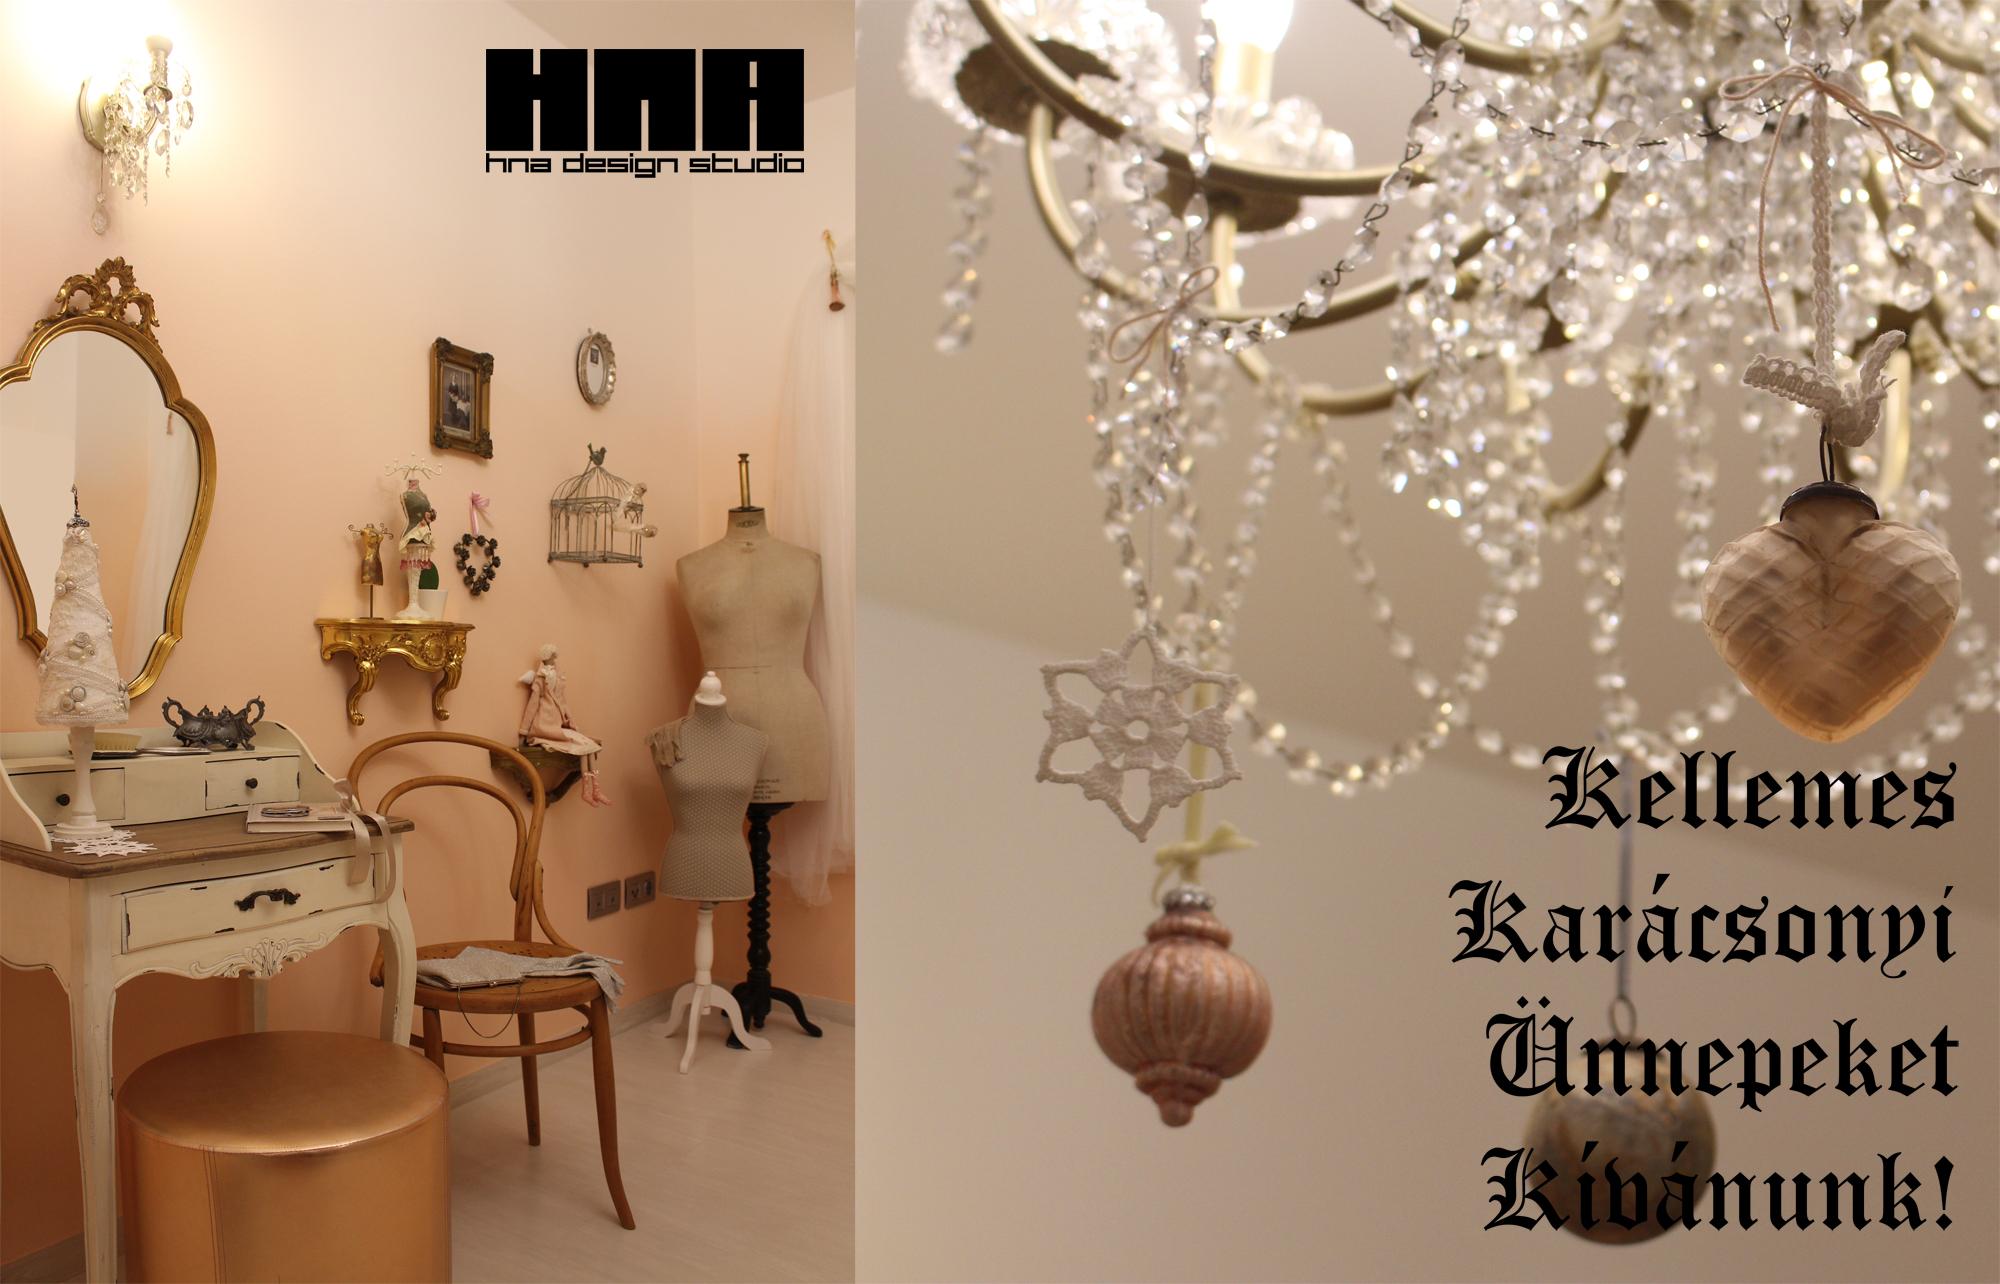 hna design karacsony blogra